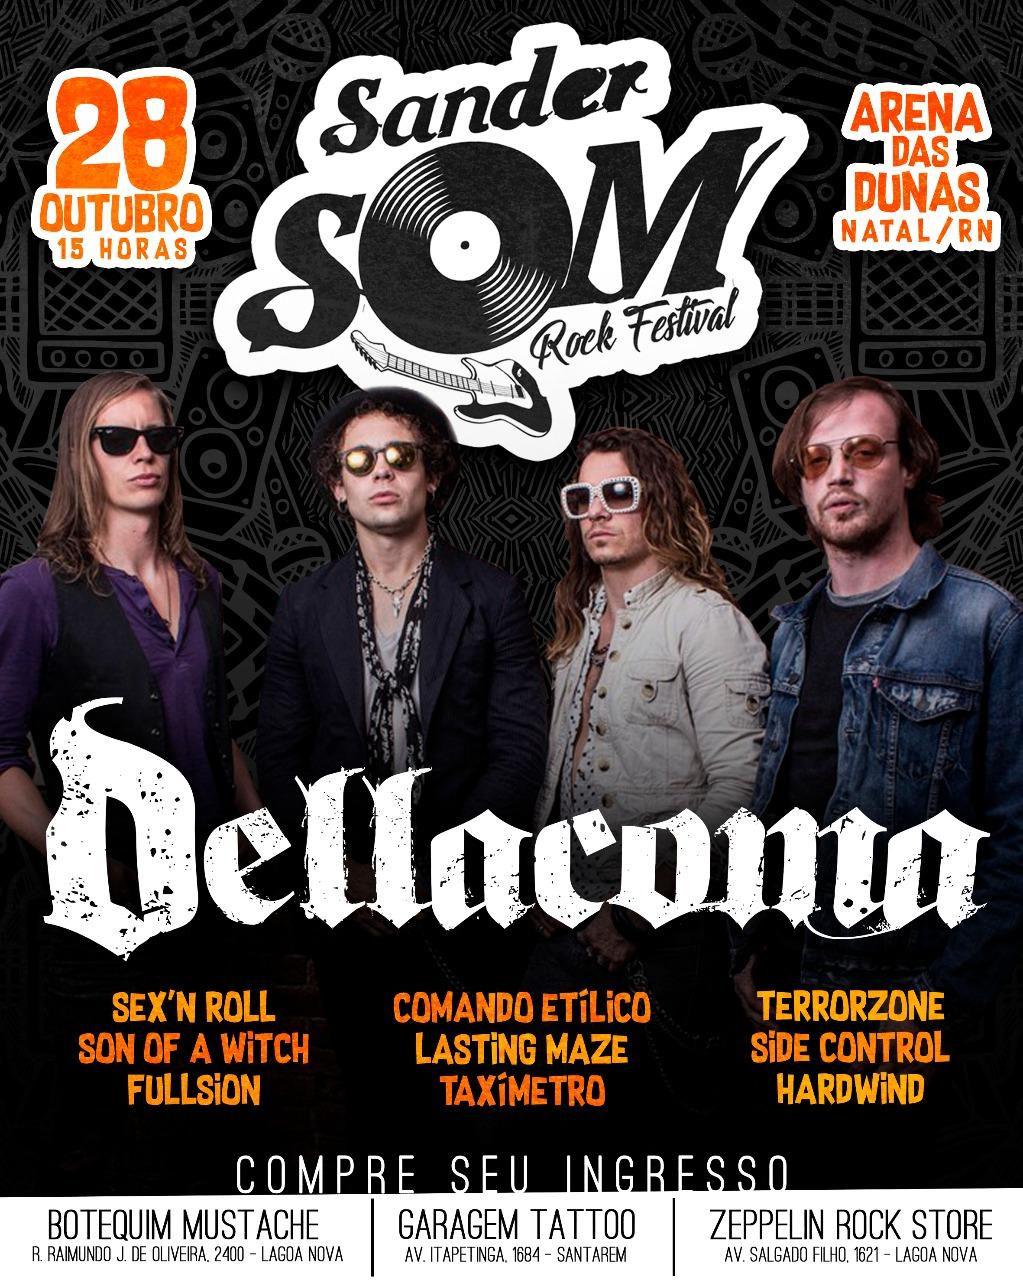 SANDER SOM ROCK FESTIVAL